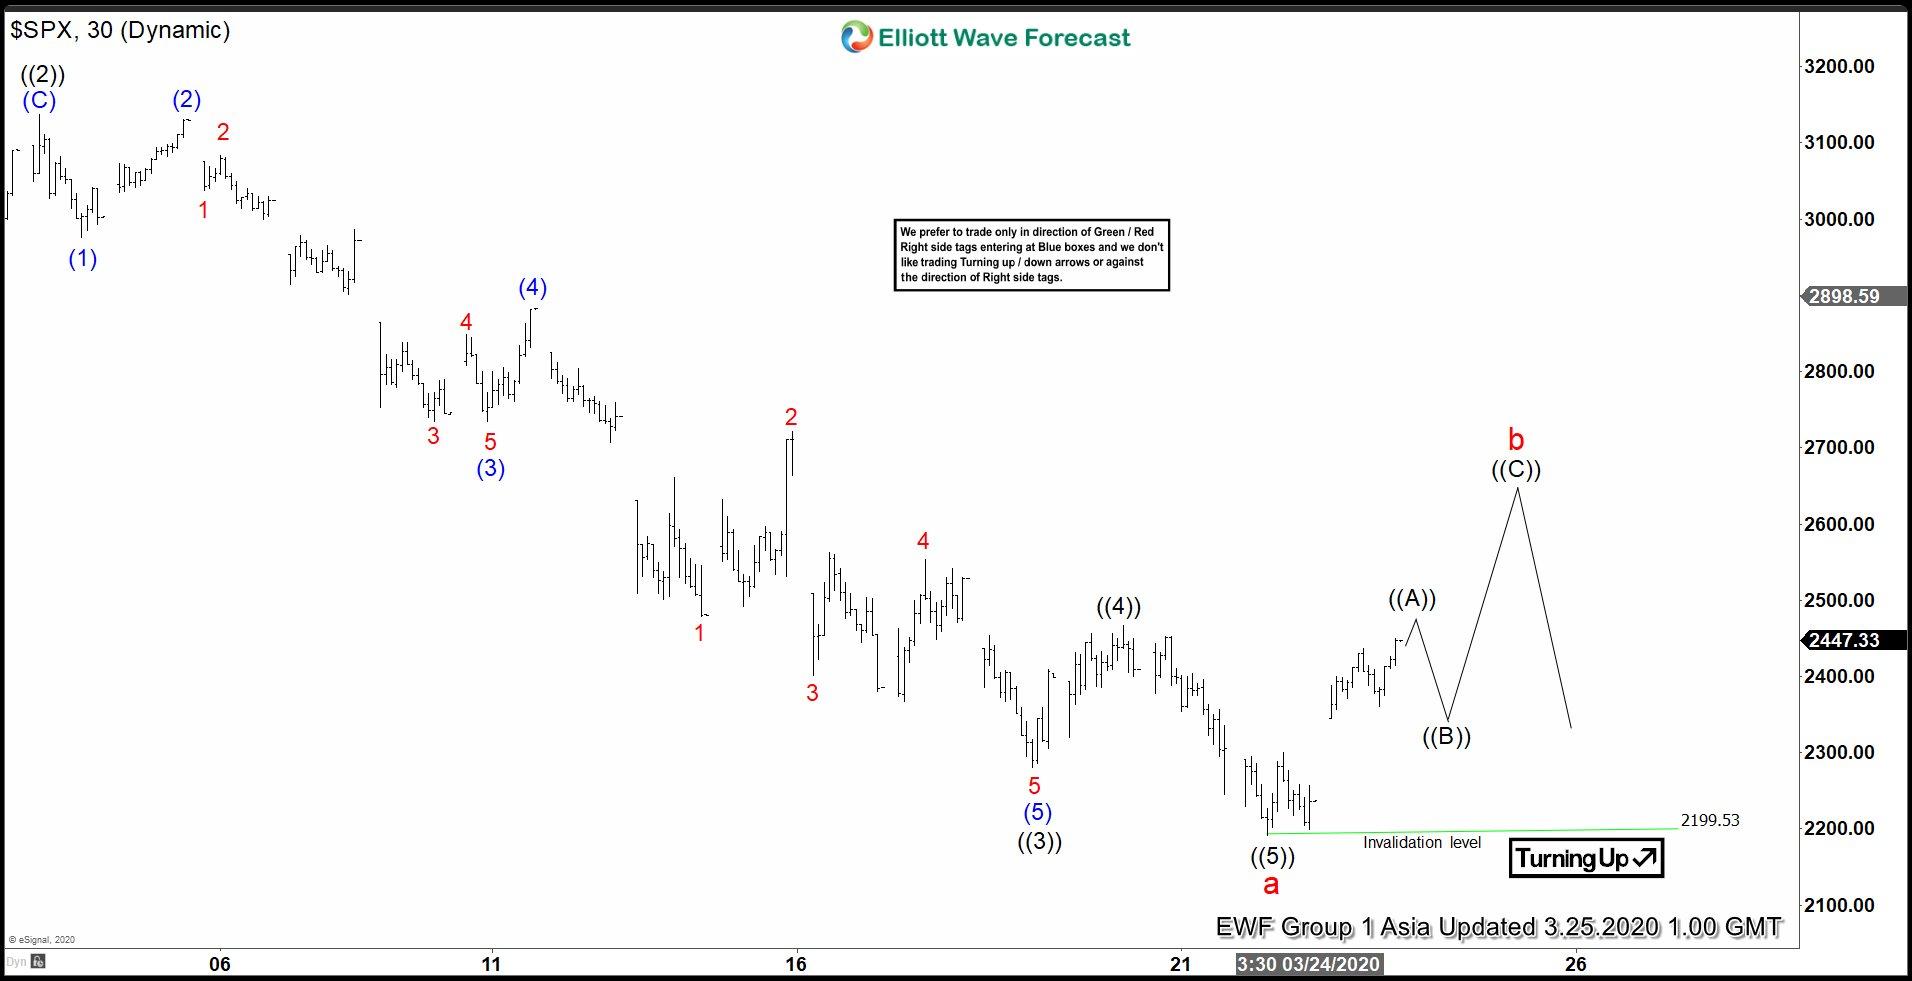 Elliott Wave View: S&P 500 (SPX) Recovery in Progress